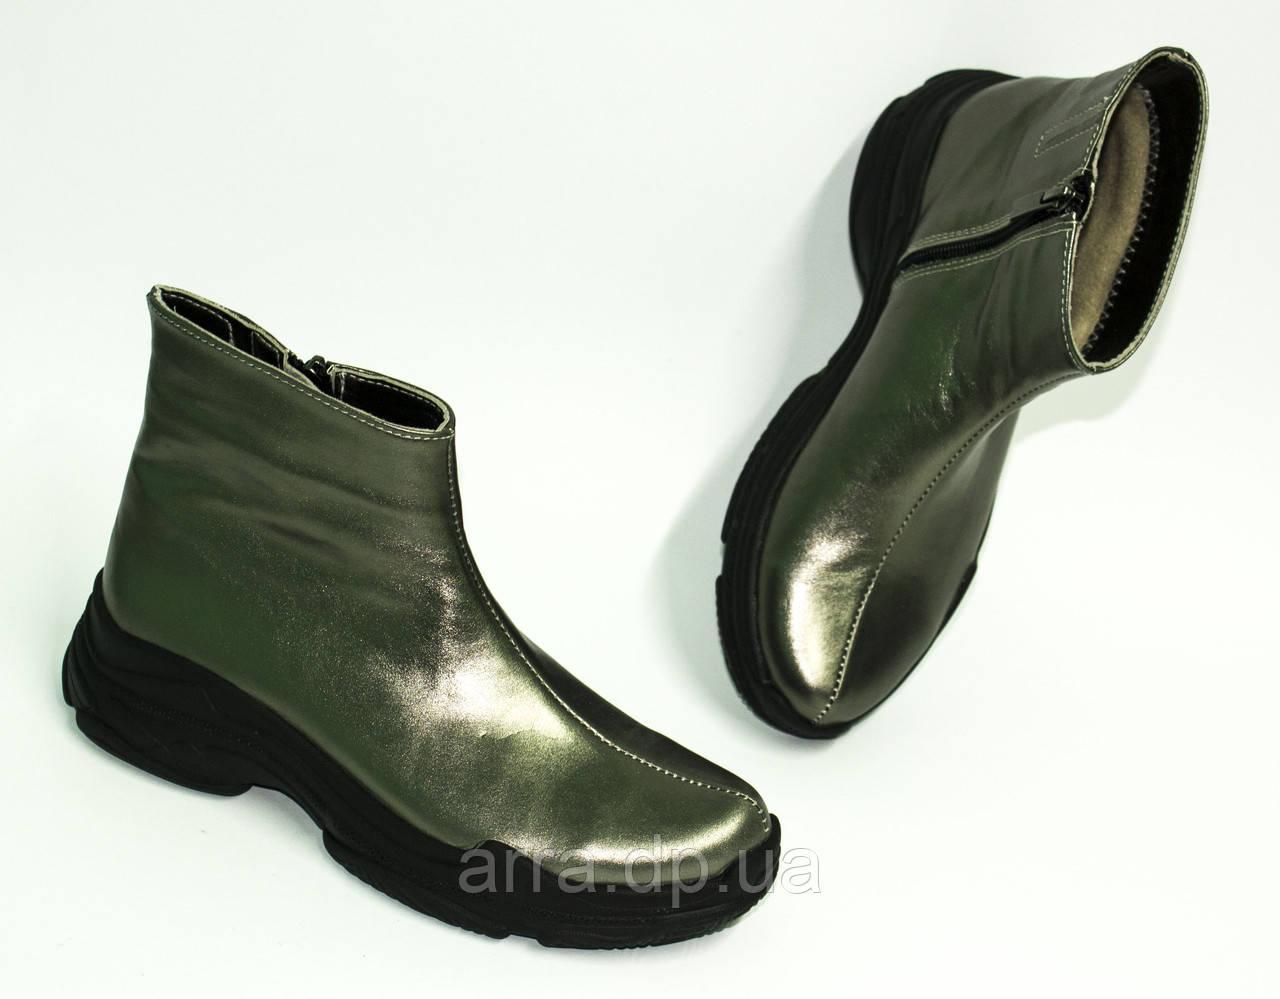 Женские демисезонные ботинки на байке, из натуральной кожи от производителя ТМ ARRA